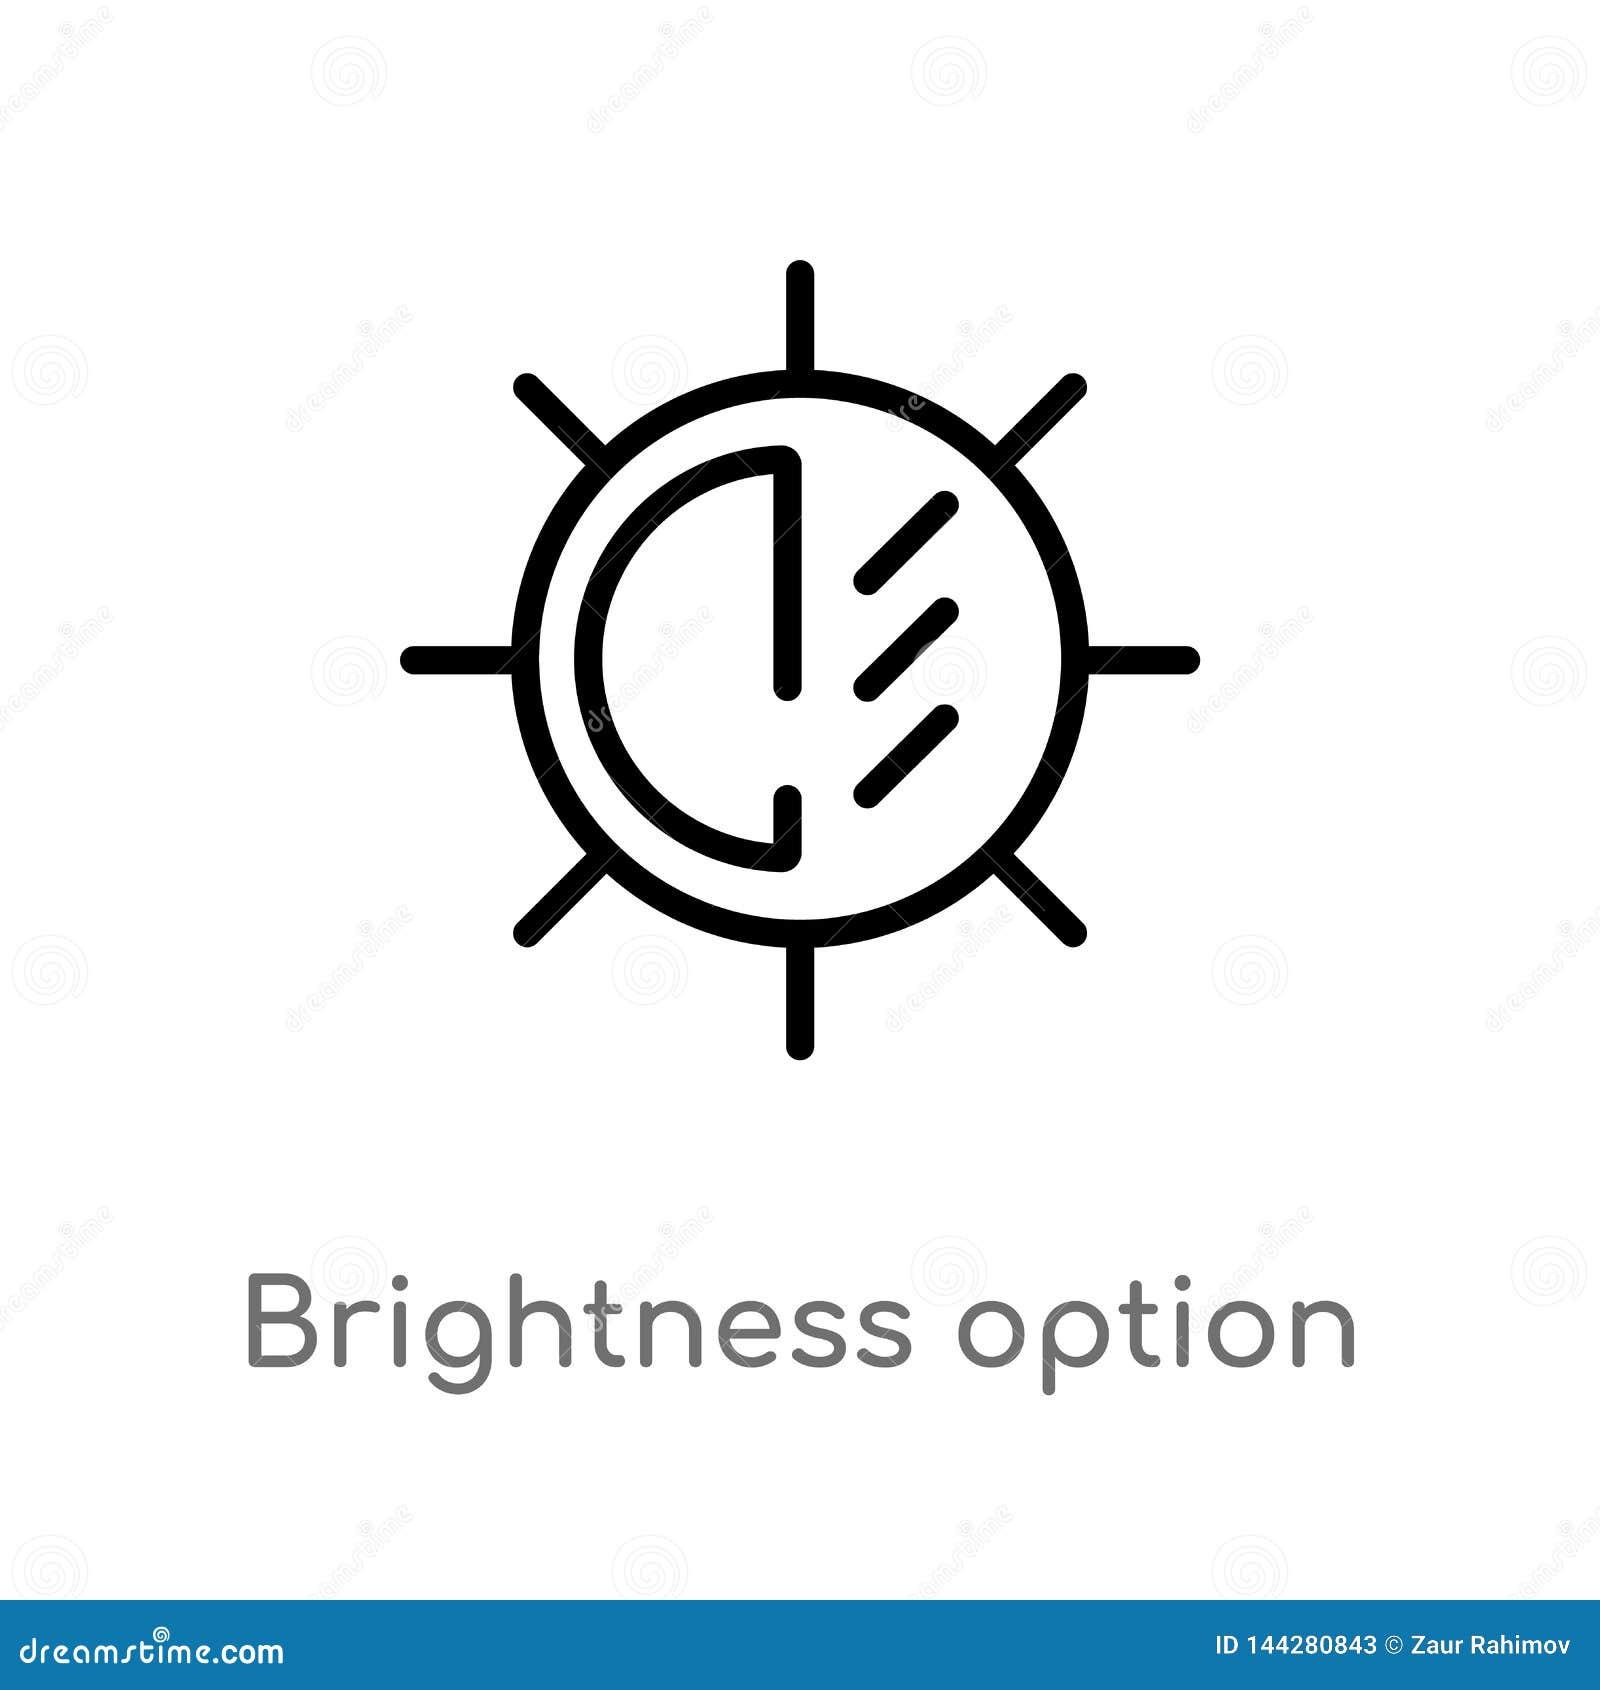 διανυσματικό εικονίδιο επιλογής φωτεινότητας περιλήψεων η απομονωμένη μαύρη απλή απεικόνιση στοιχείων γραμμών από την ηλεκτρονική